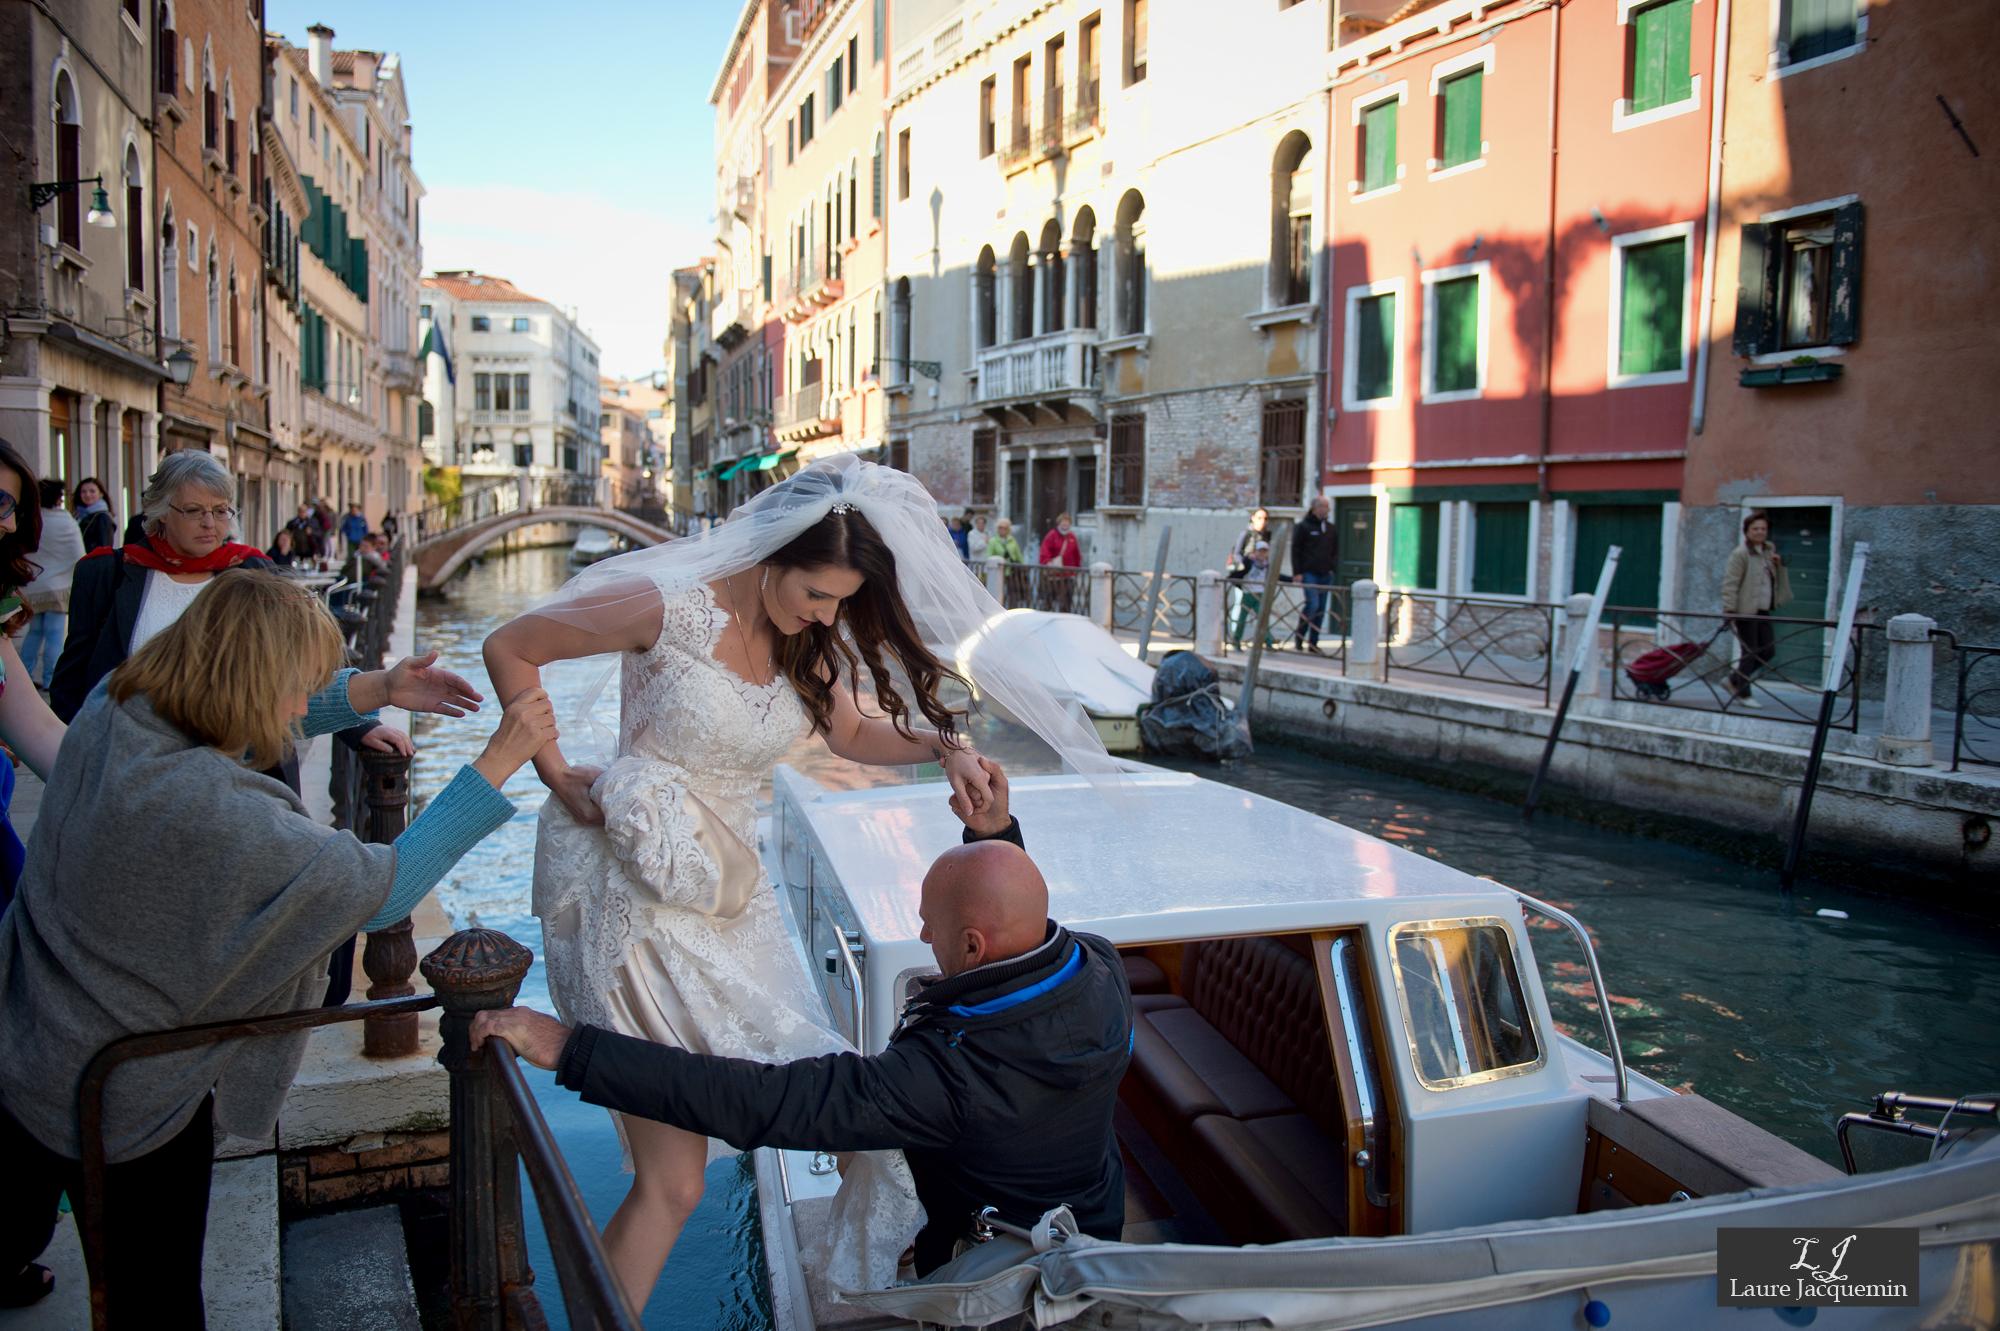 photographe mariage laure jacquemin palazzo cavalli service photographique (4)